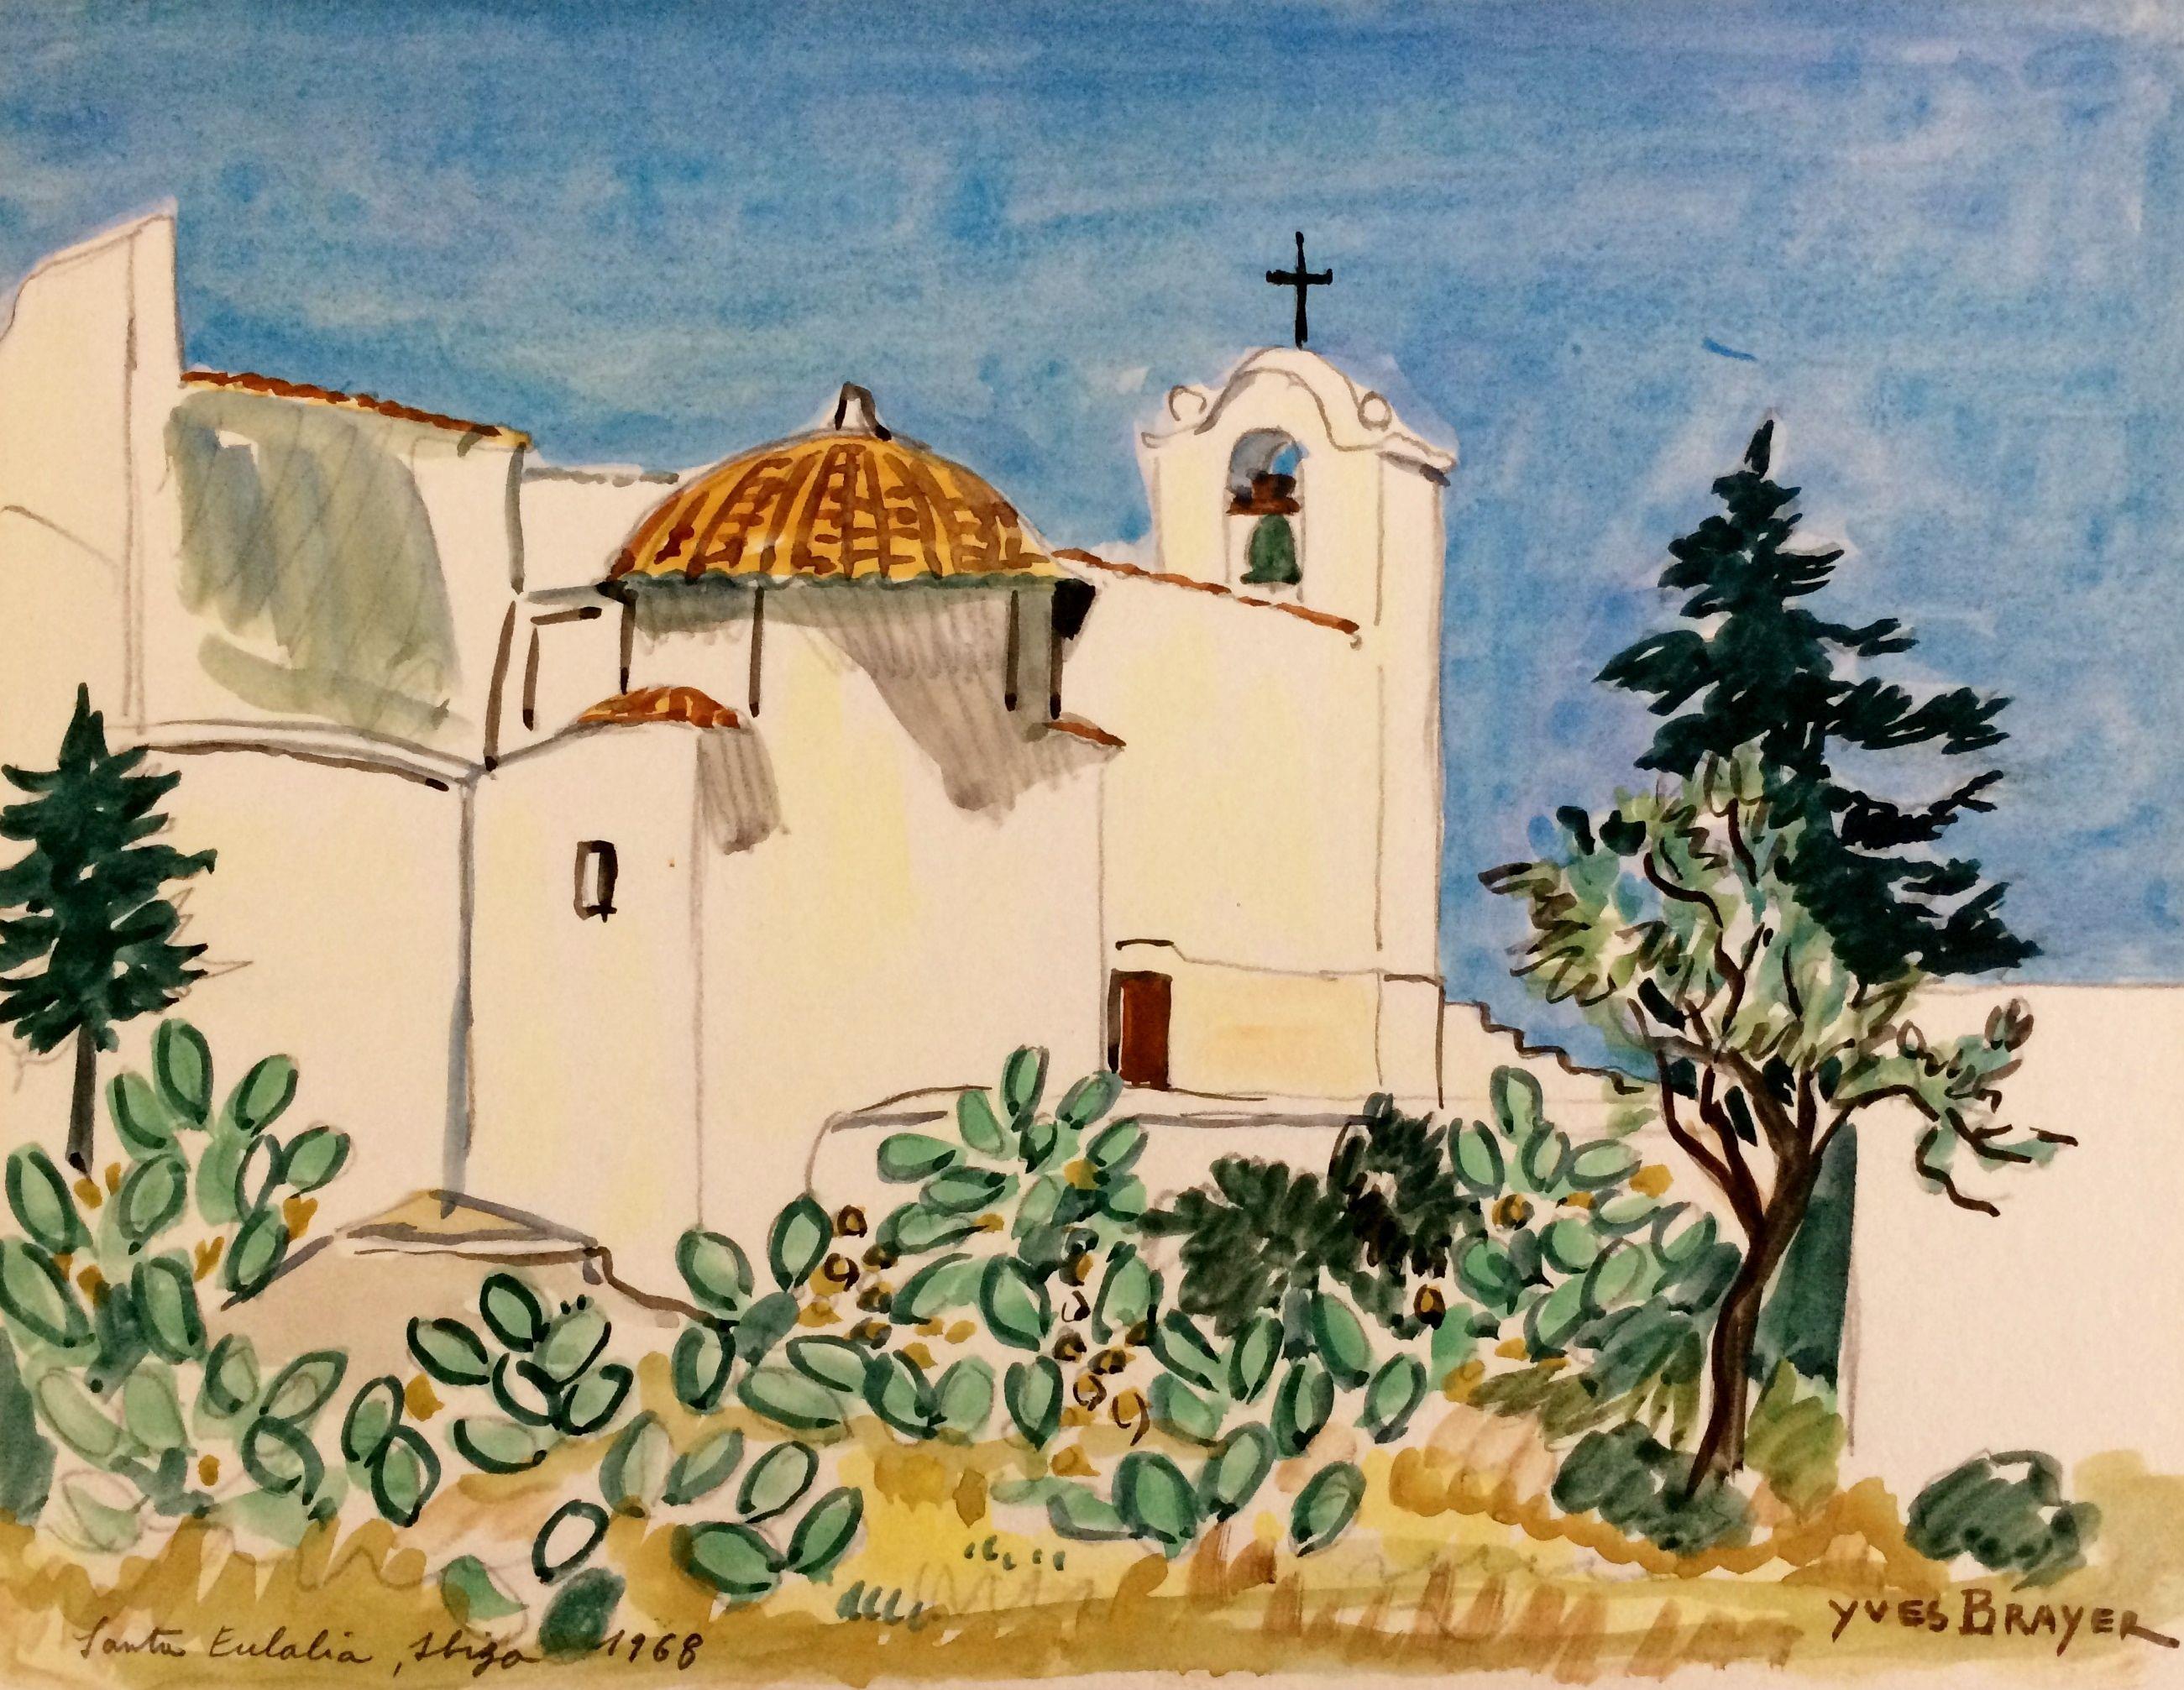 Lot Yves Brayer Quot Santa Eulalia Ibiza Quot 1968